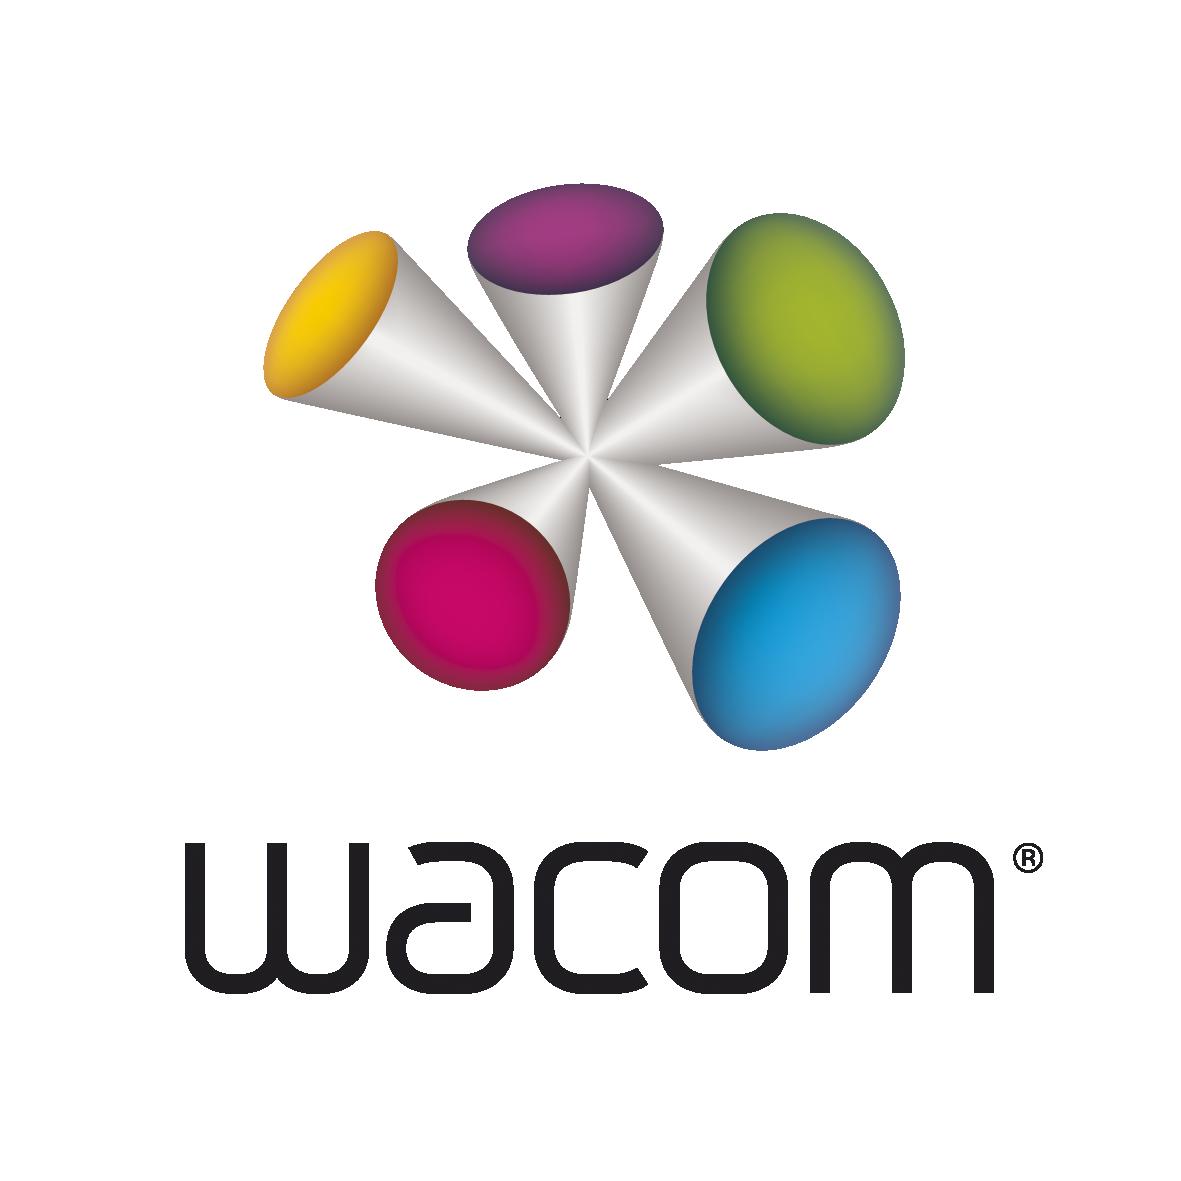 Camera Company Logo Inspired by natural human